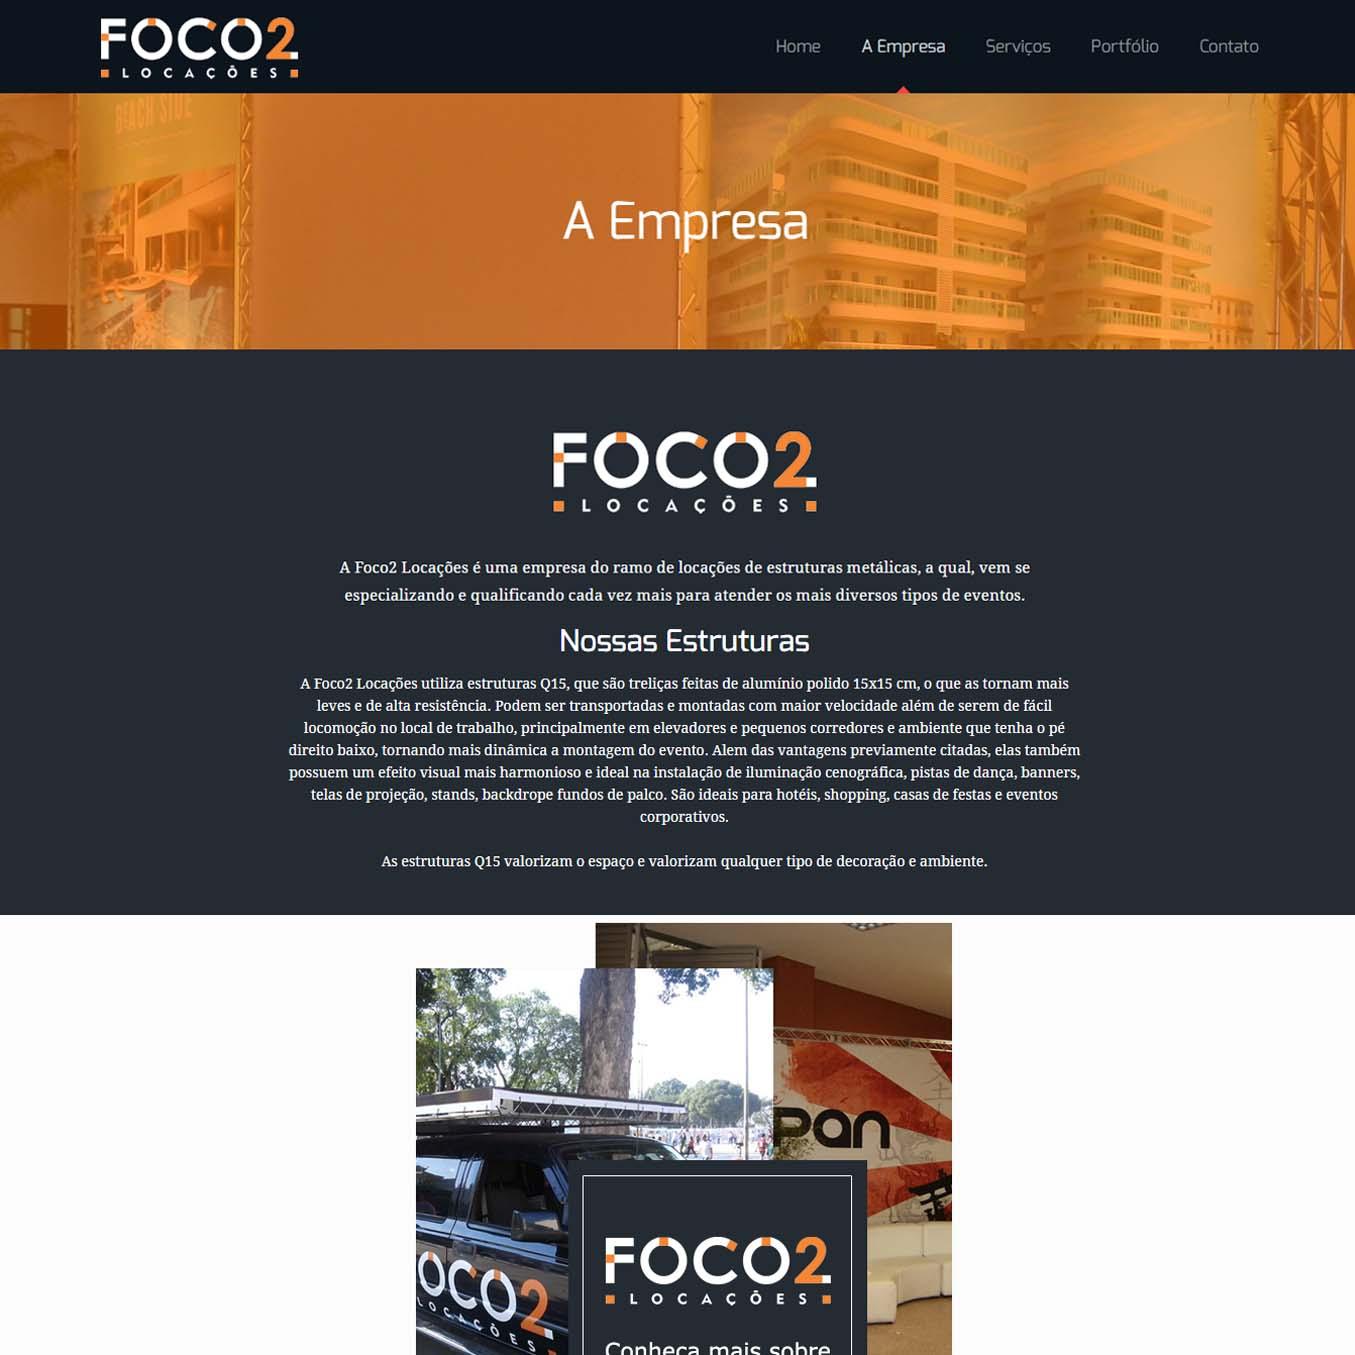 FOCO2EMPR